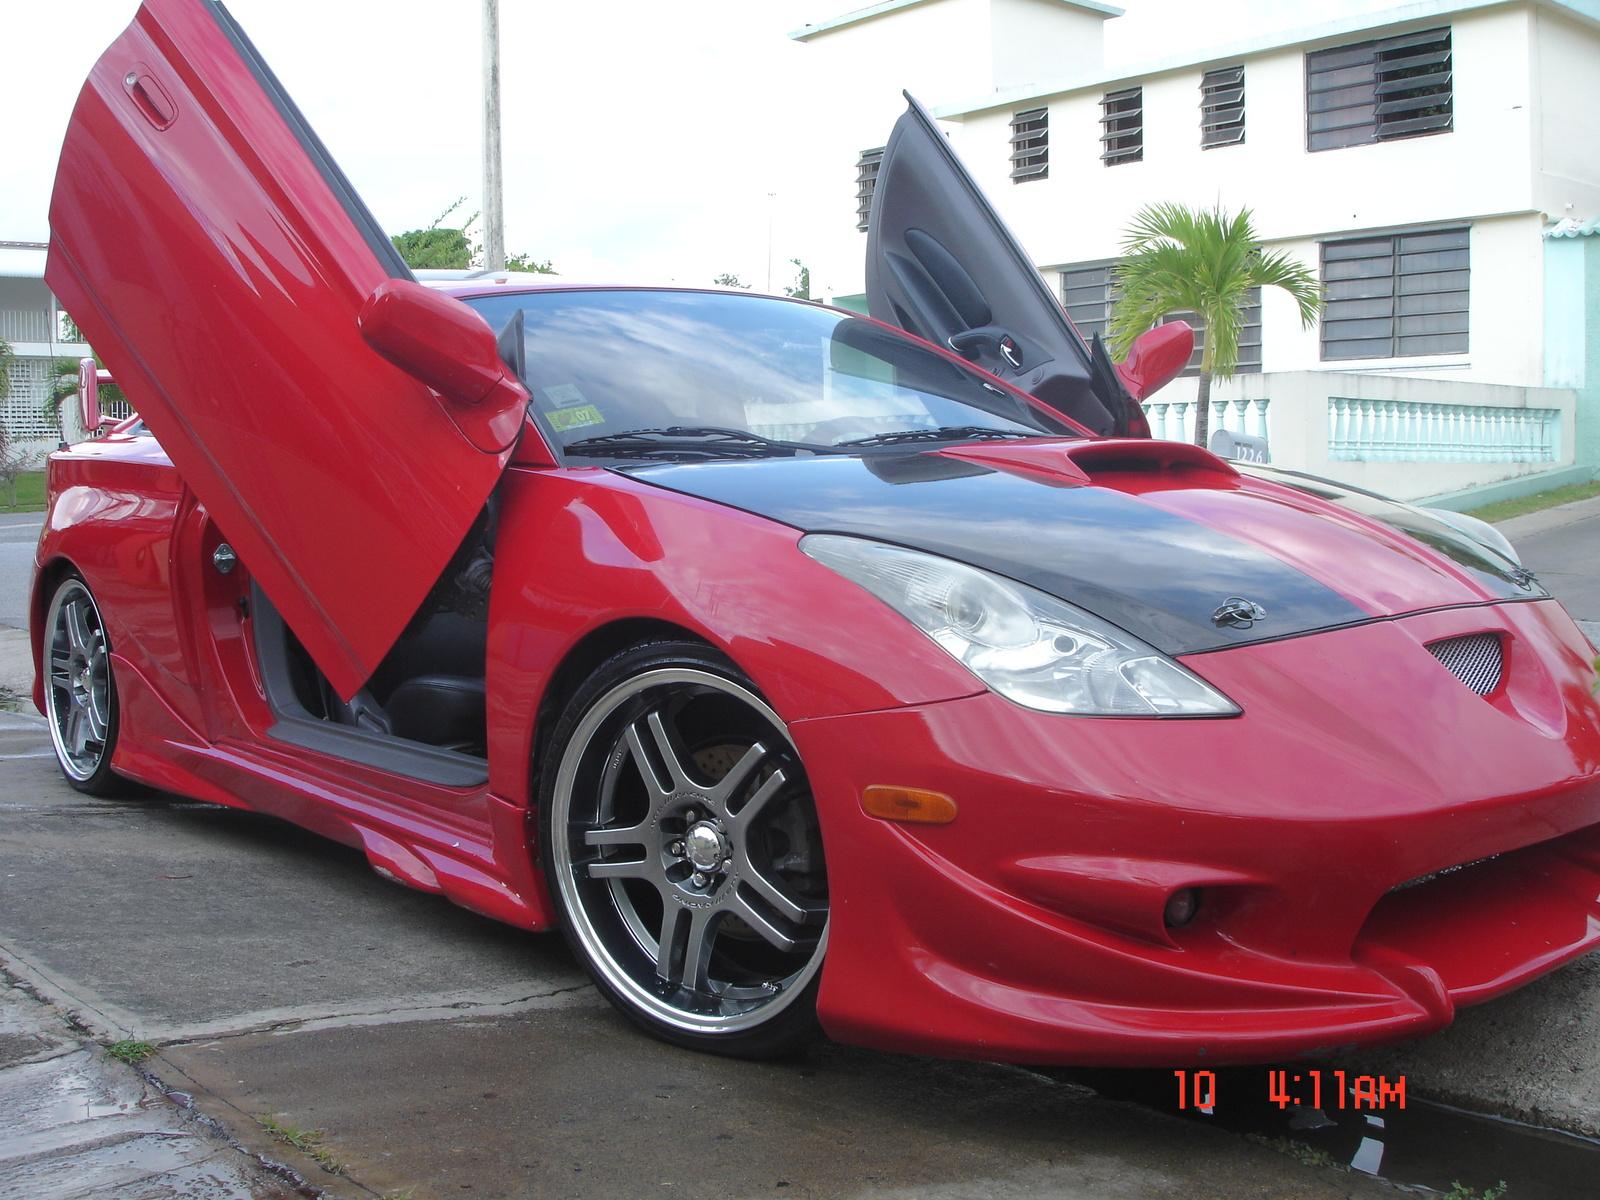 2000 Toyota Celica #9 Toyota Celica #9